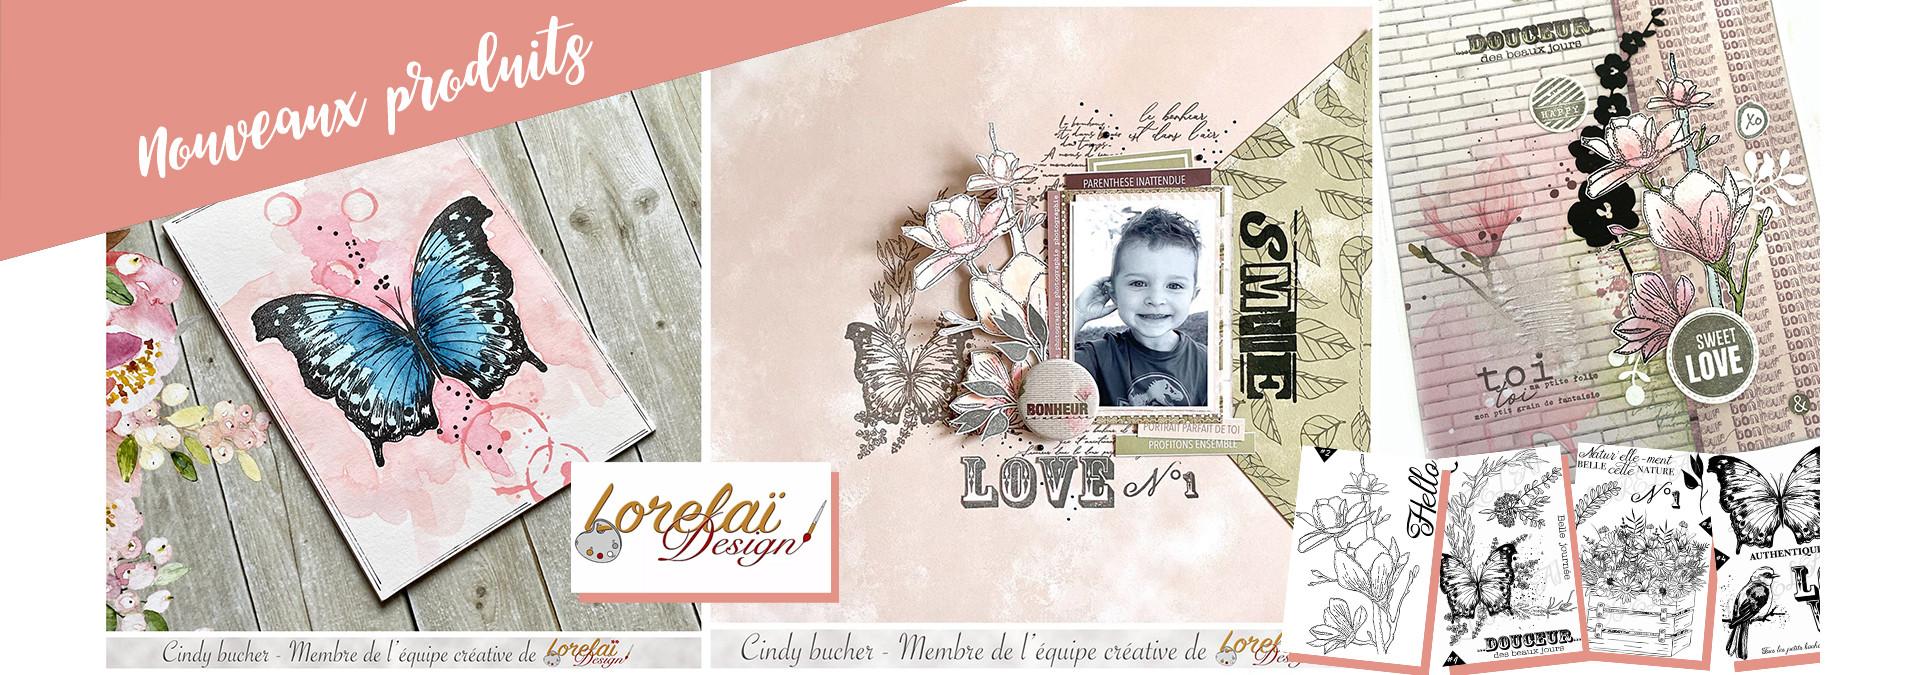 Nouveaux produits Lorelai Design